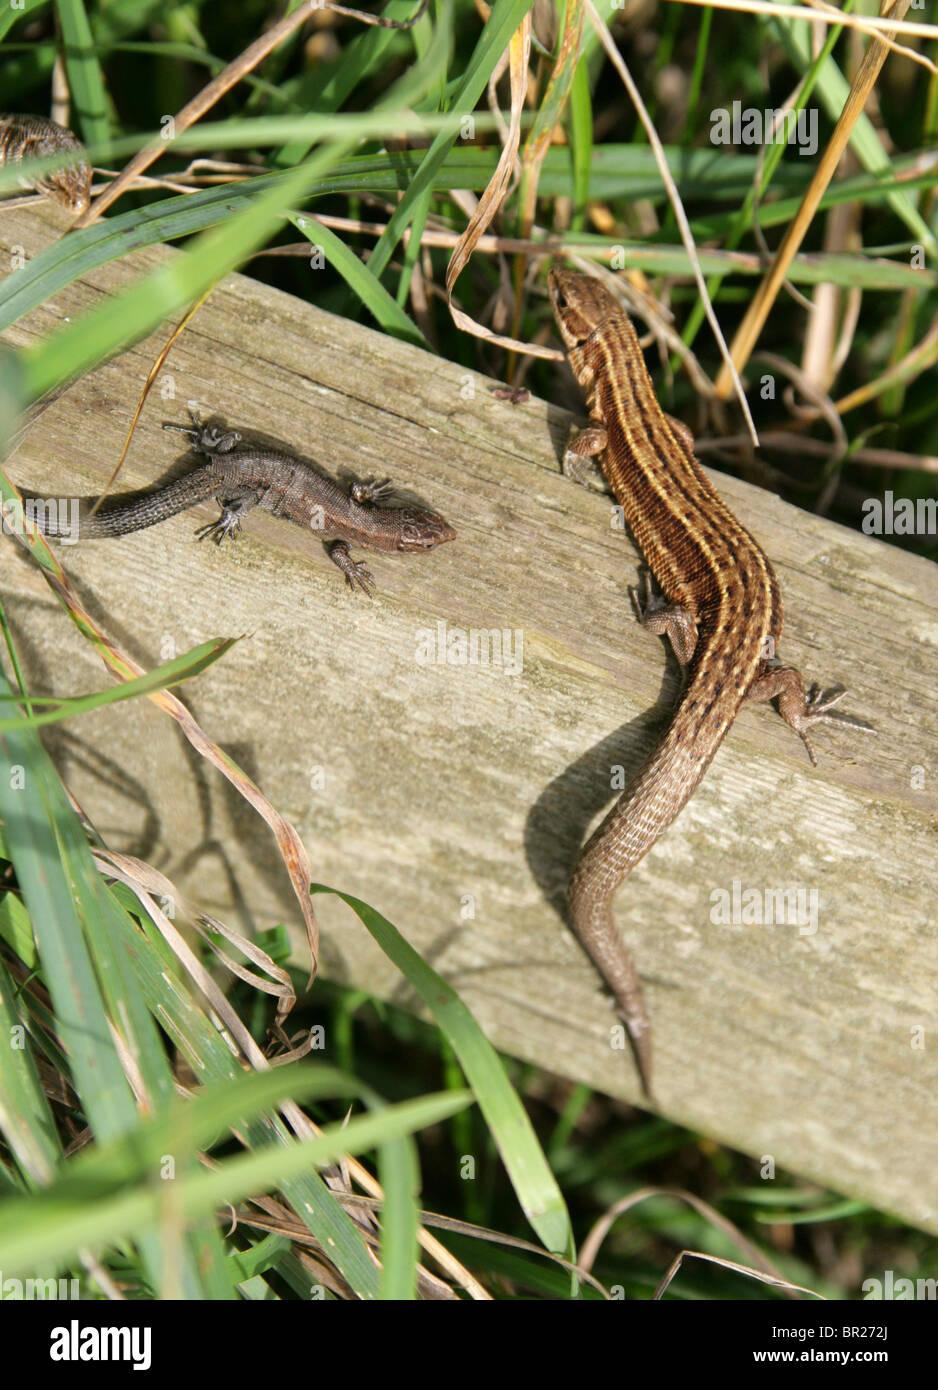 Weibliche und Jugendliche gemeinsame oder lebendgebärend Eidechse, Zootoca Vivipara, Squamata, Reptilia, Lacertidae, Stockfoto